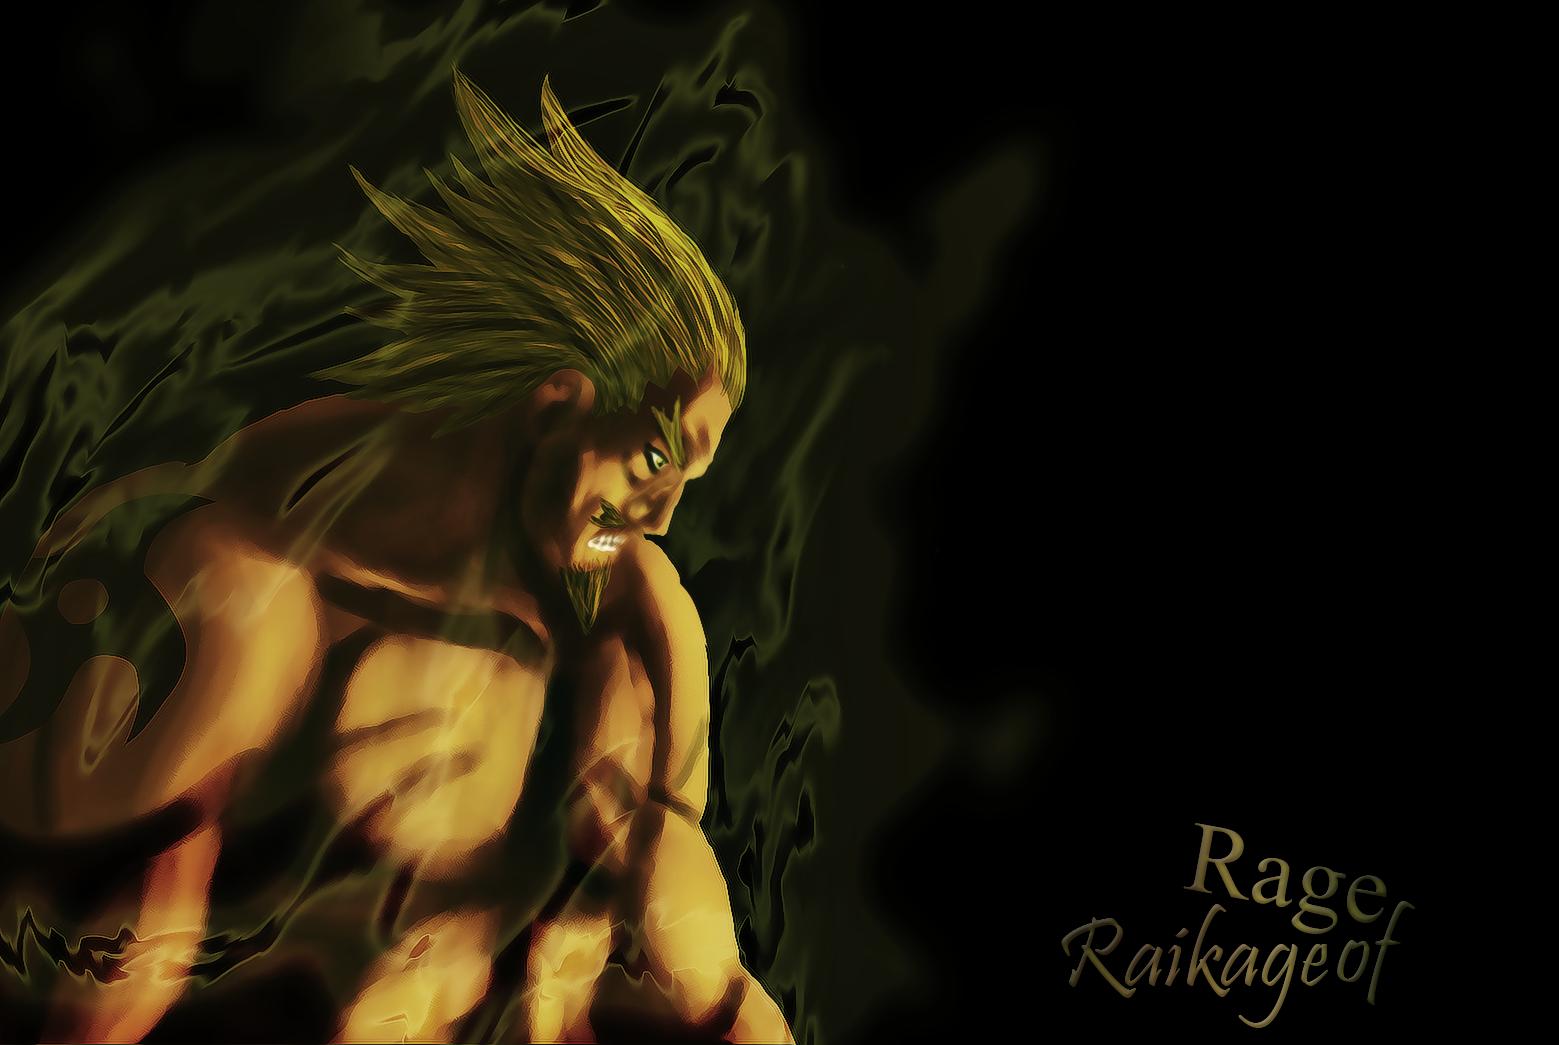 Second raikage